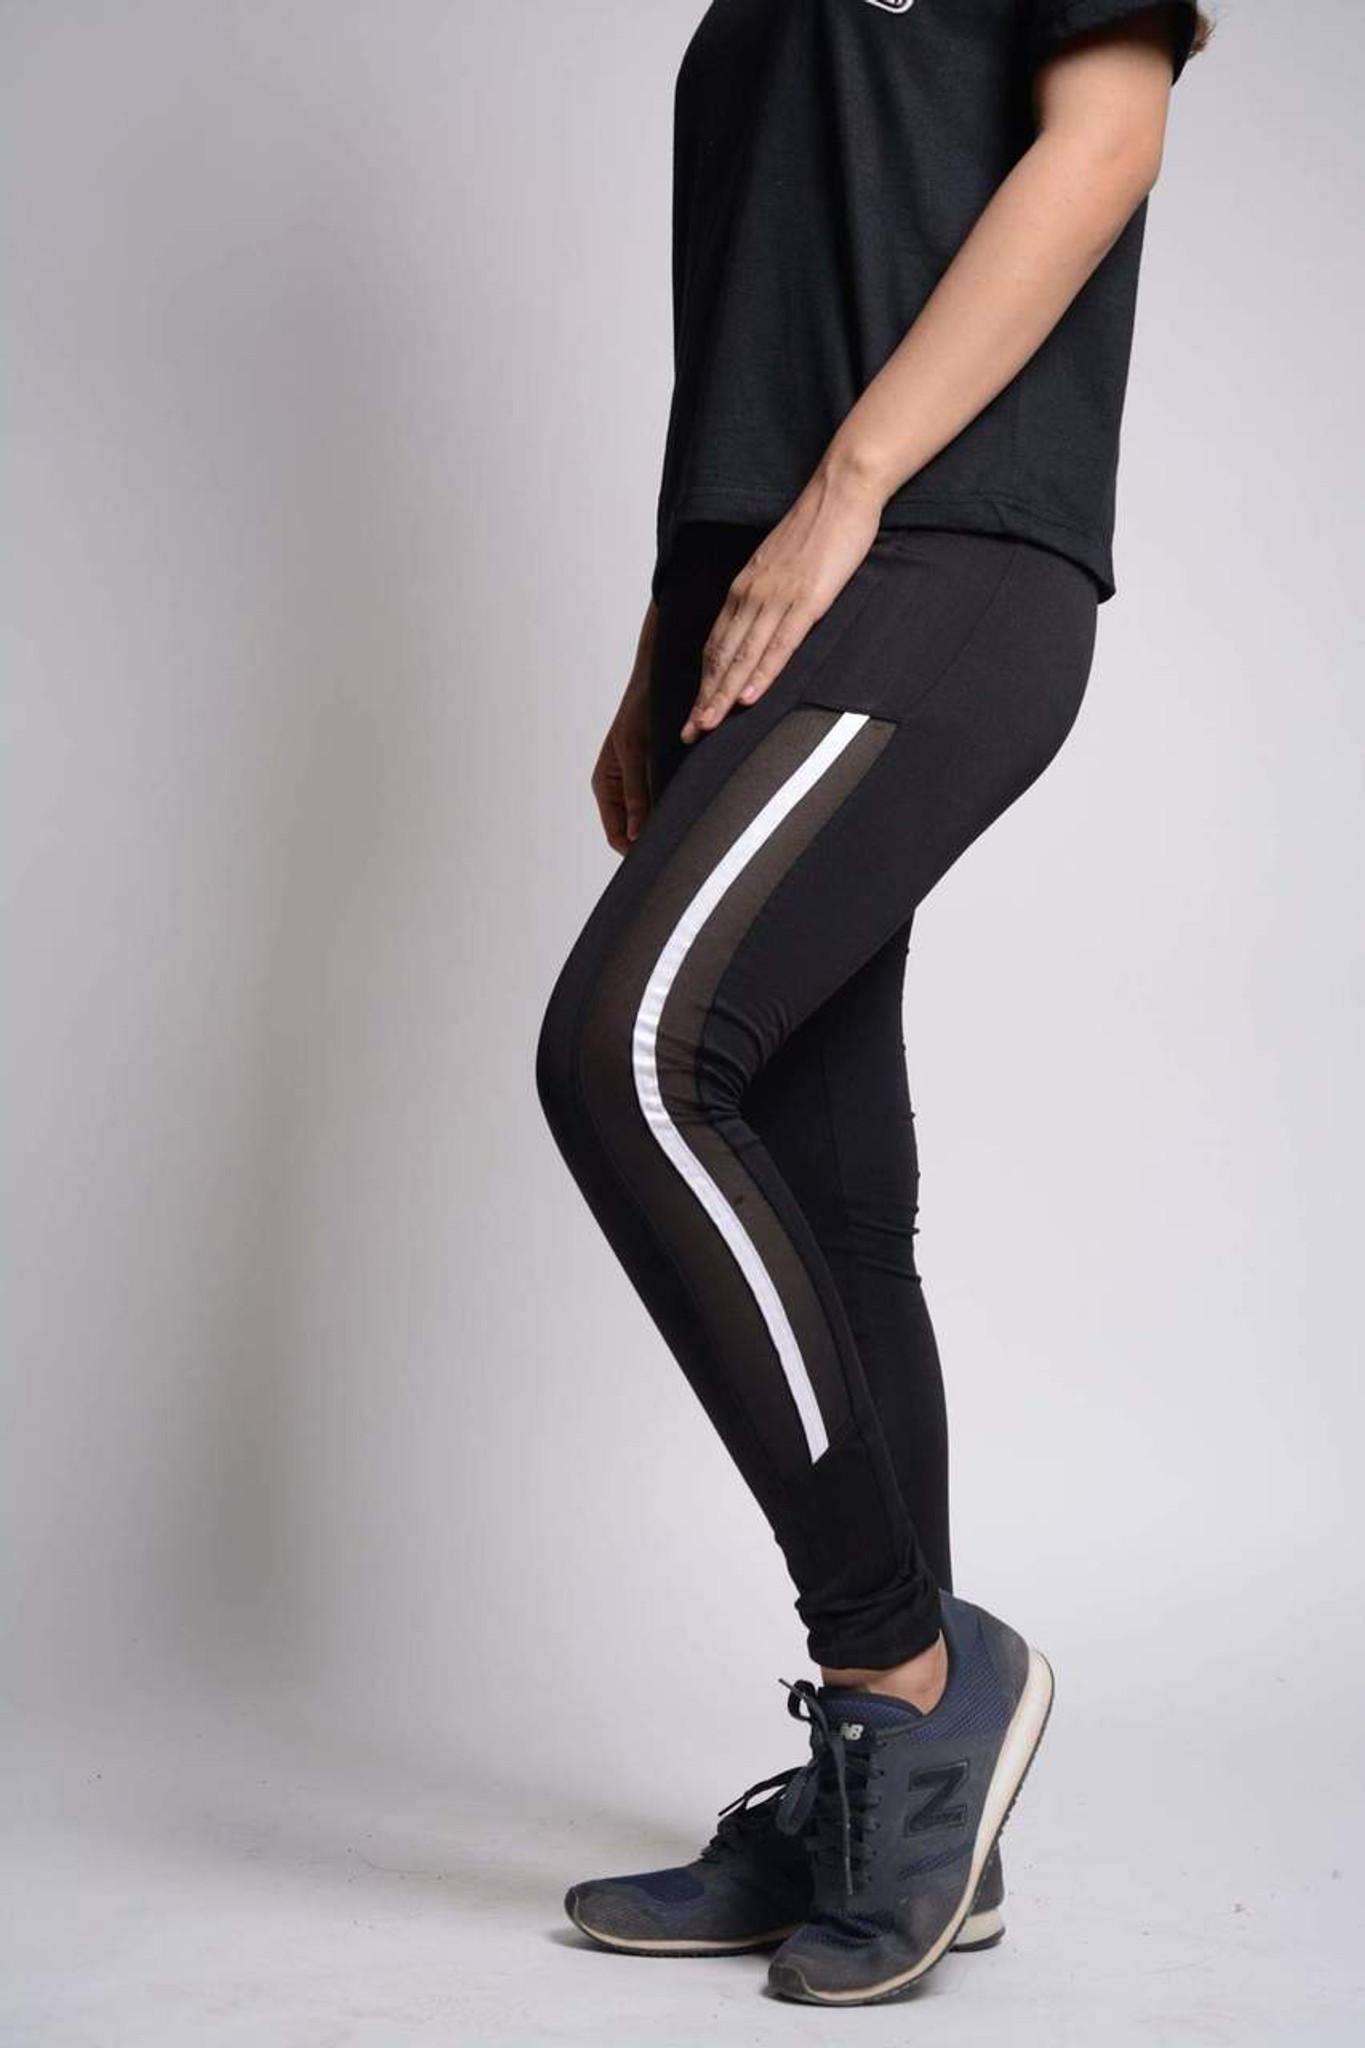 cae69cb7bff Fifth Avenue U903 Mesh Panel Striped Yoga Pants - Black